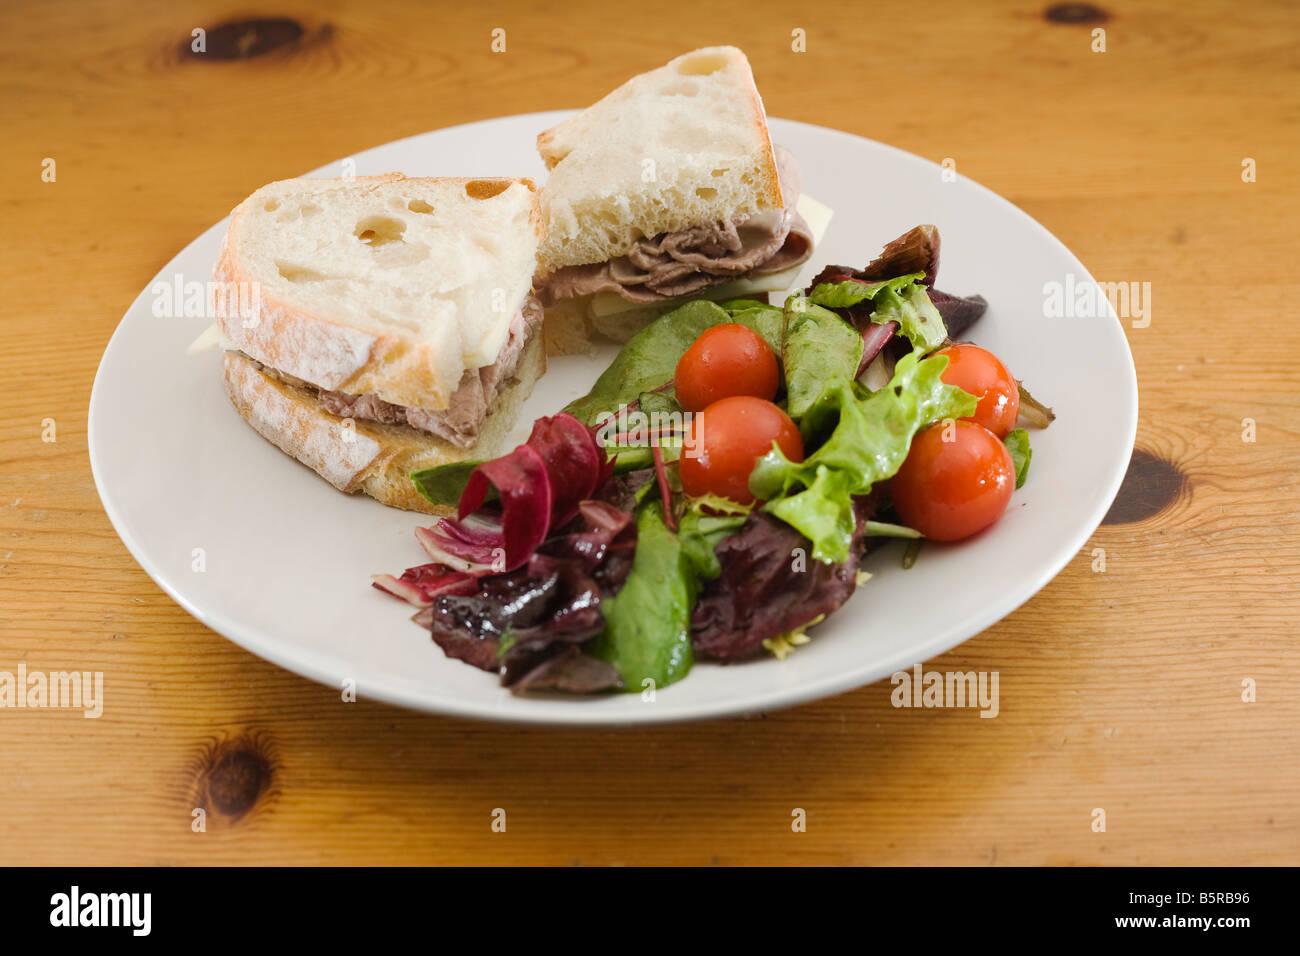 Sándwich Gourmet y ensaladas. Foto de stock